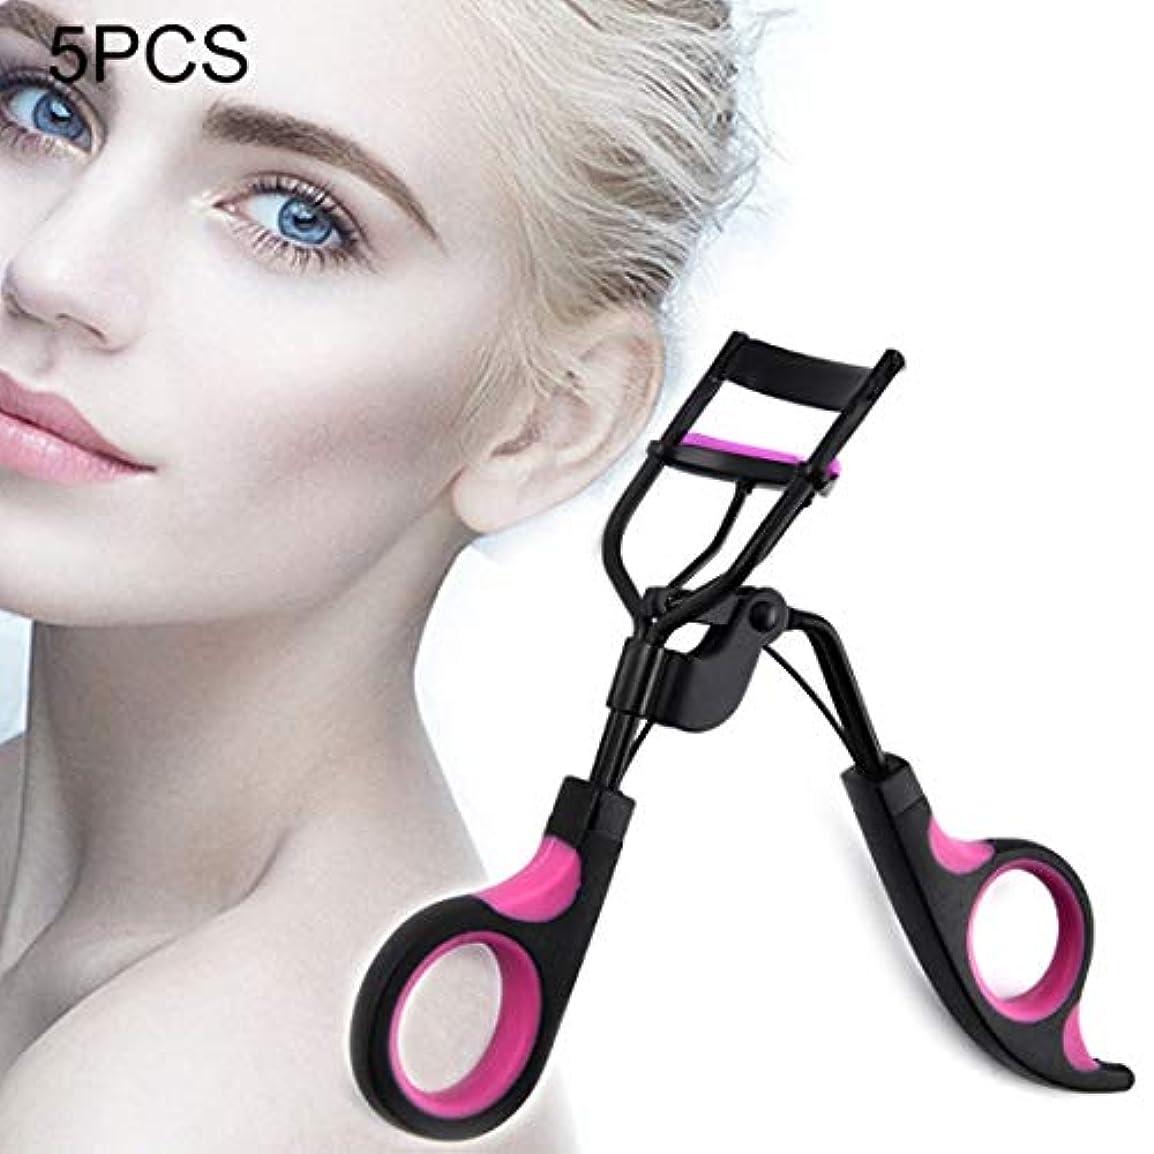 拘束提供ヘビ美容アクセサリー 5 PCS 2色超広角メイクアップツールまつげカラー、ランダムカラーデリバリー 写真美容アクセサリー